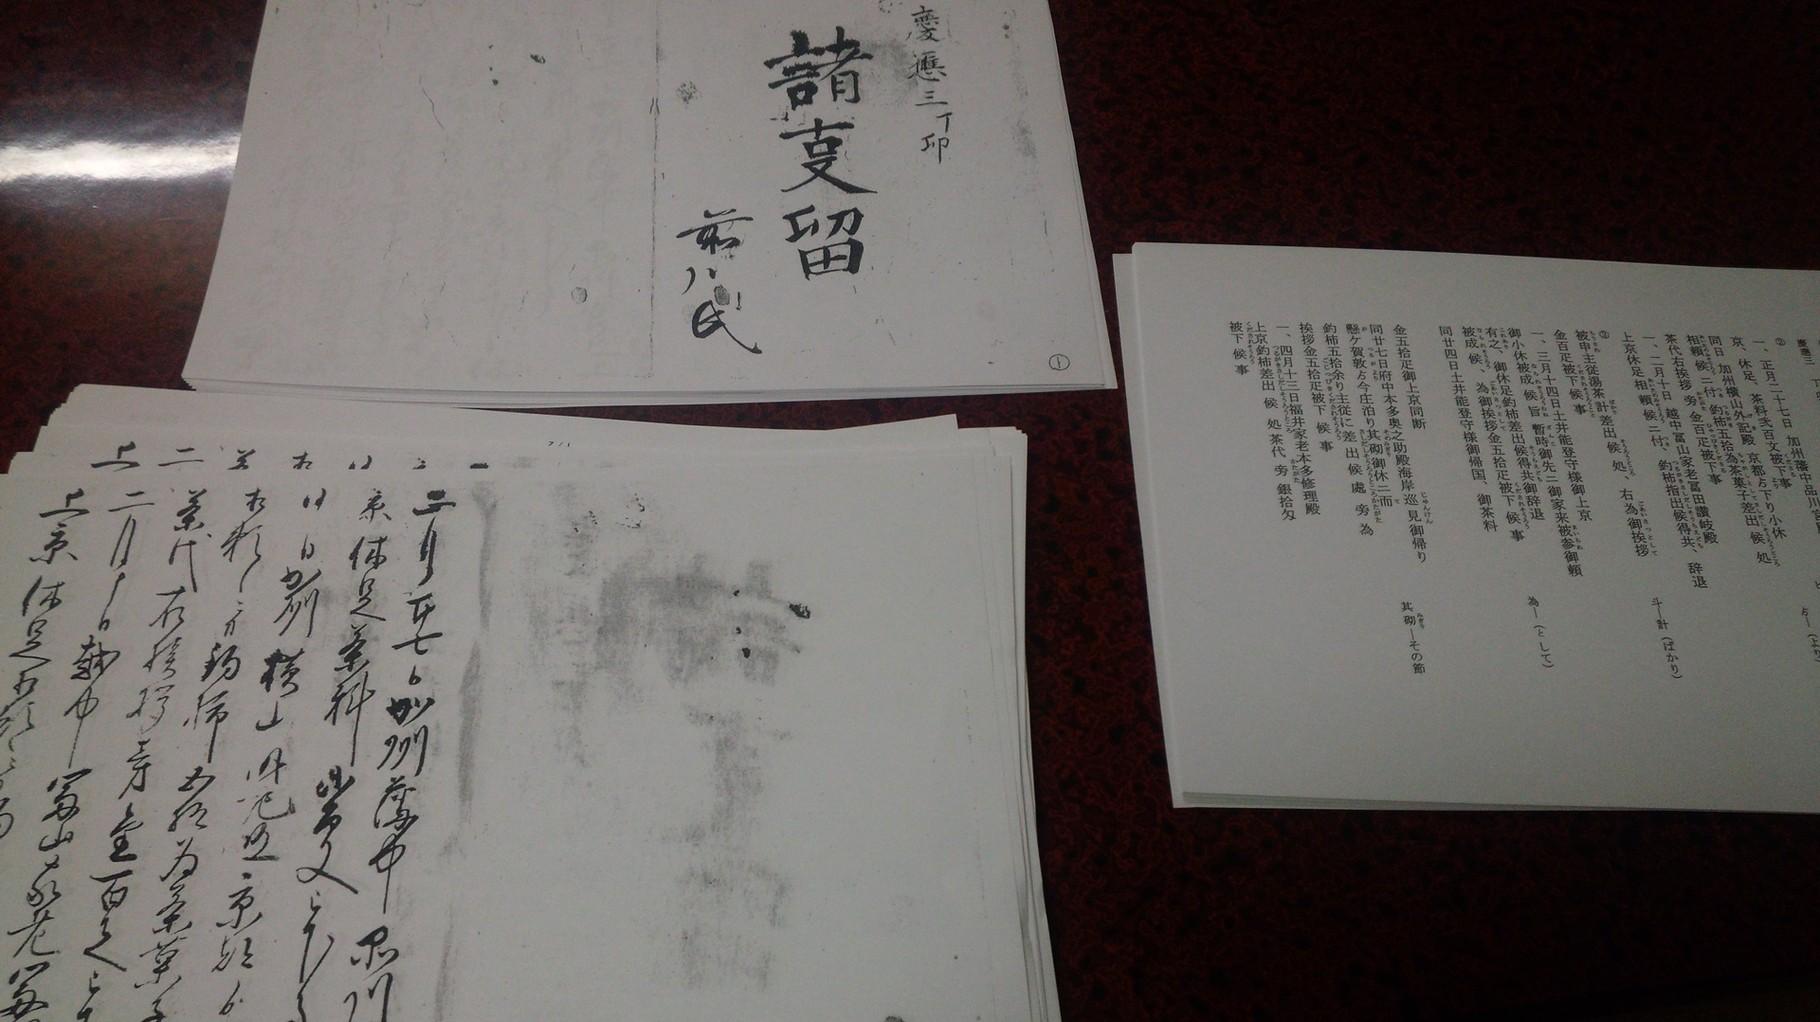 今庄に残っている古文書の読み方を勉強し、江戸時代の今庄の様子を調べている